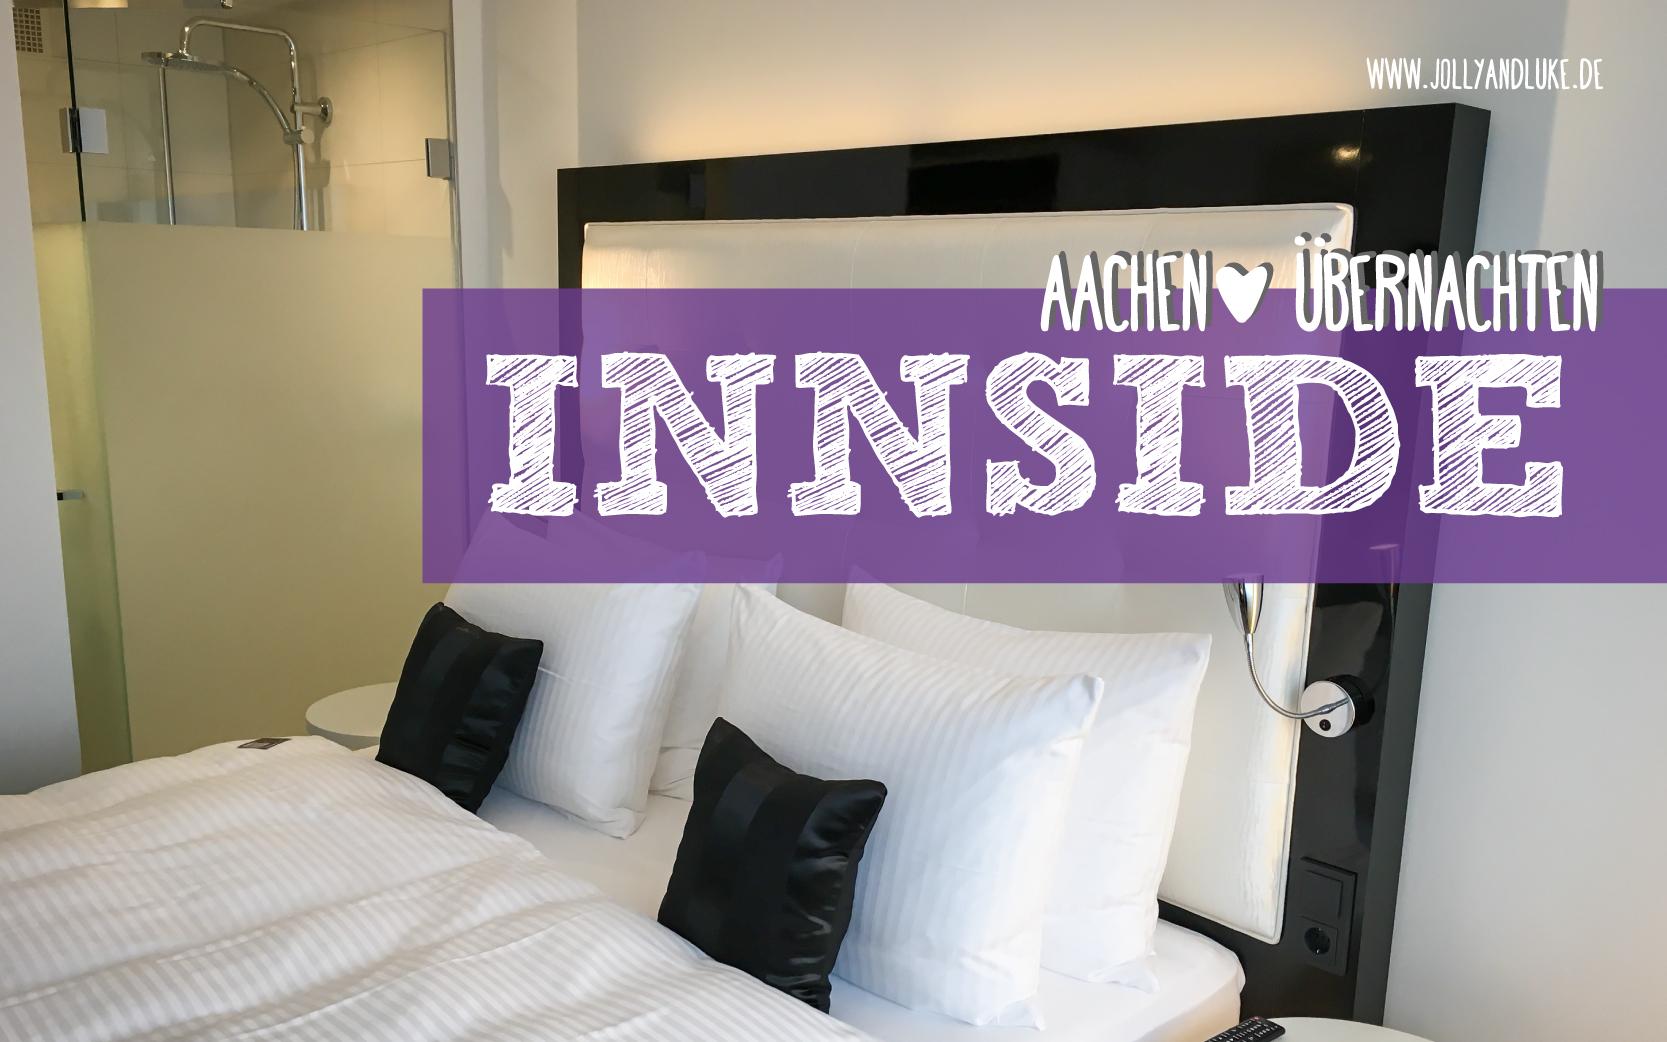 Hotel Aachen Innside Melia